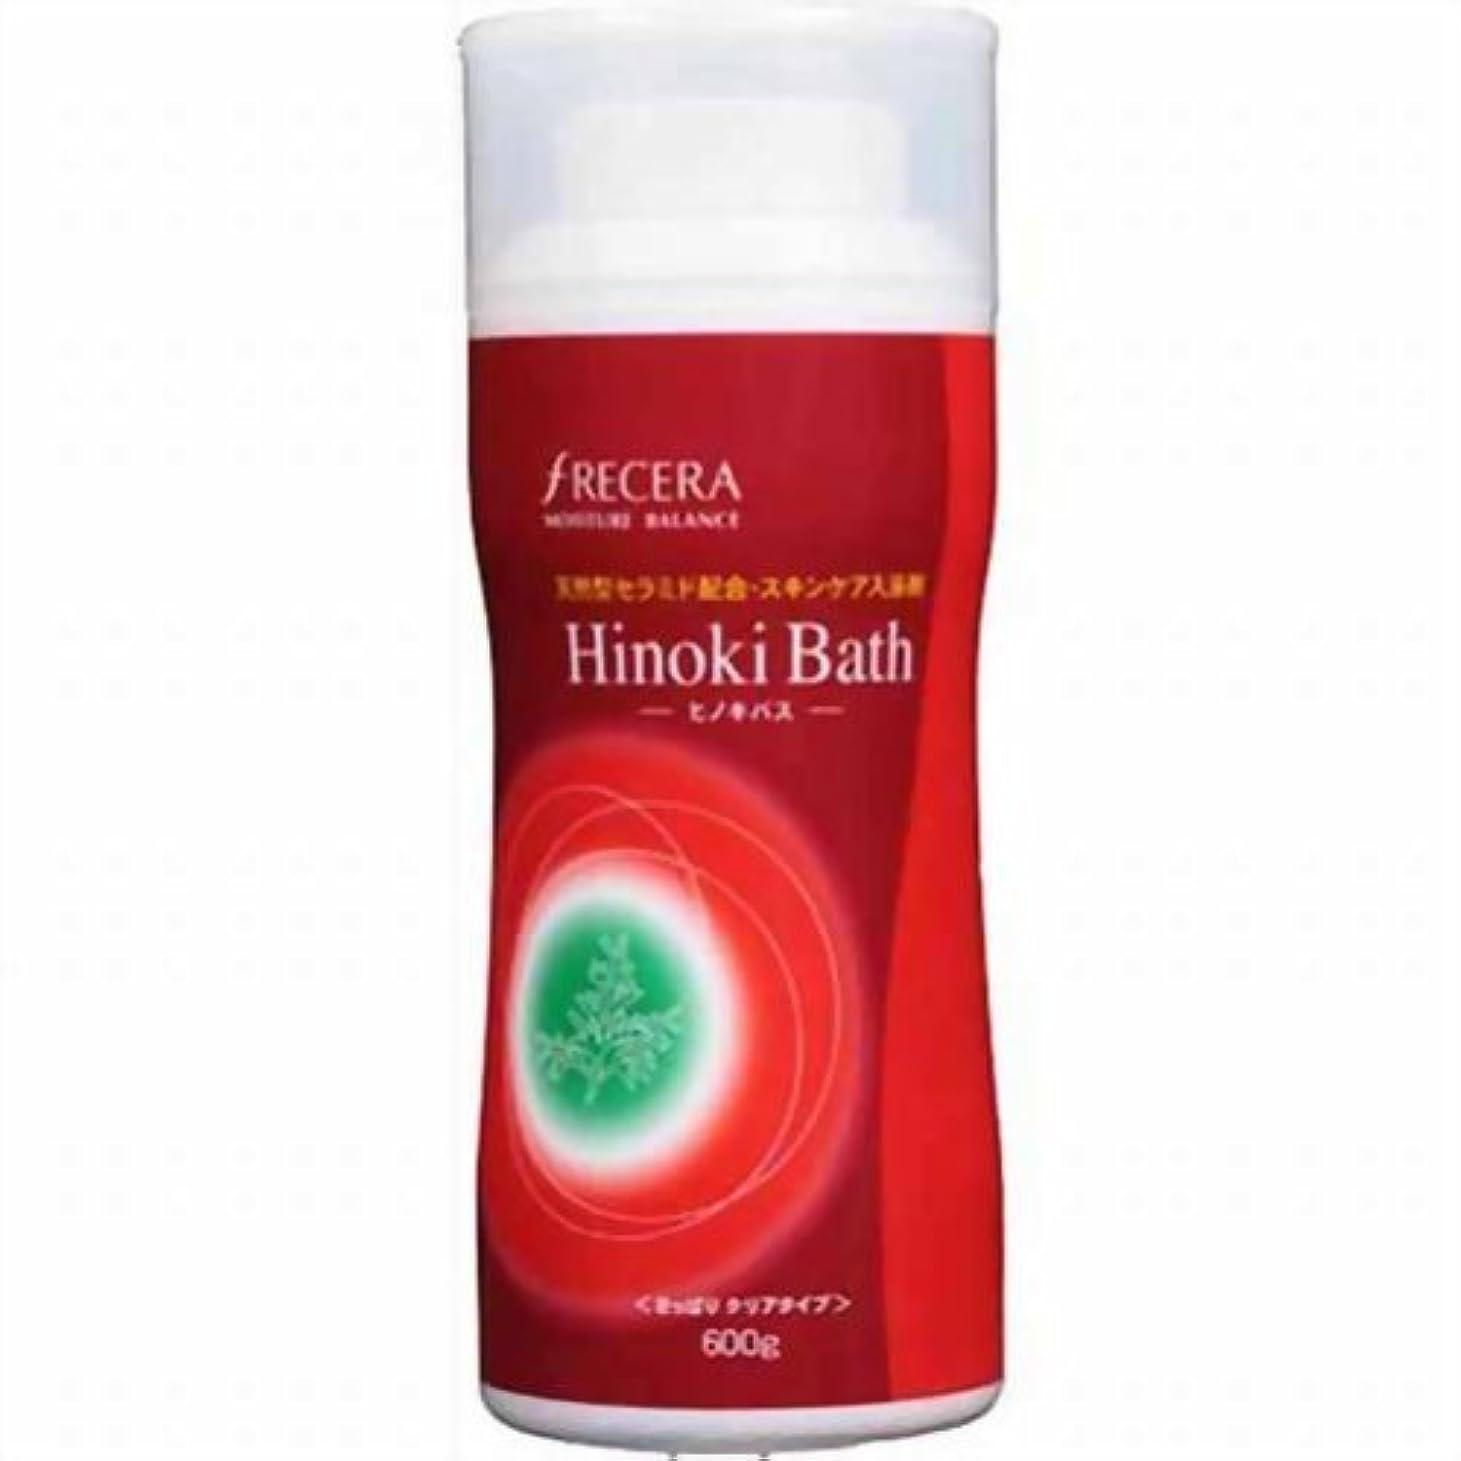 クック受信機精緻化フレッセラ セラミド入浴剤 ヒノキバス 600g